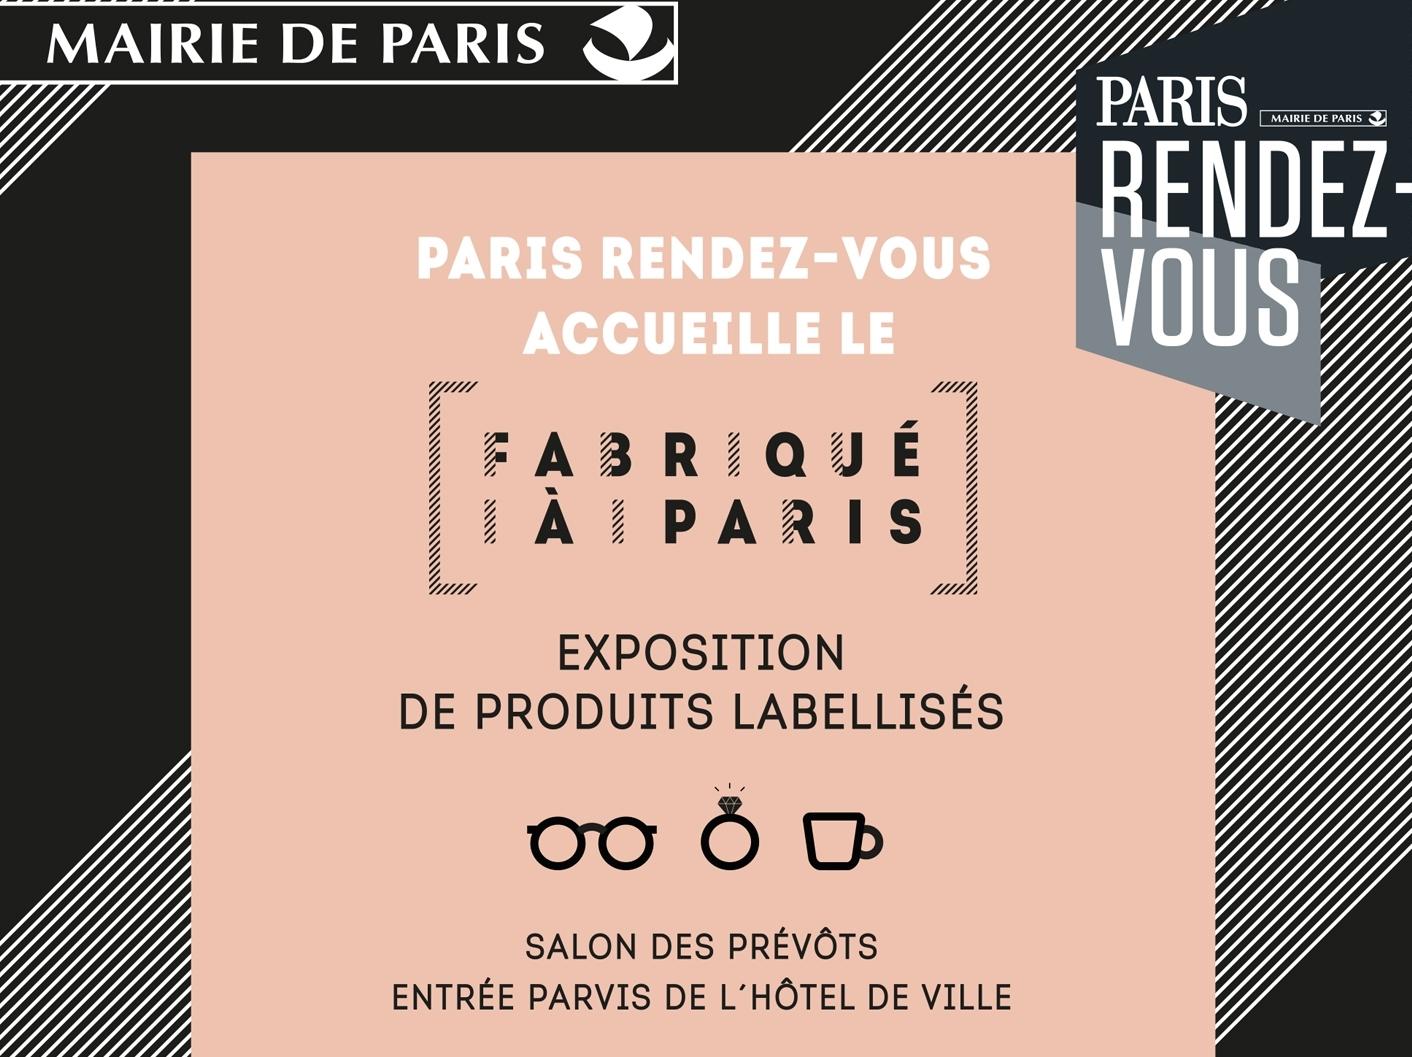 fabrique_a_paris_karolinebordas_incute_madeinfrance_expo_mairiedeparis